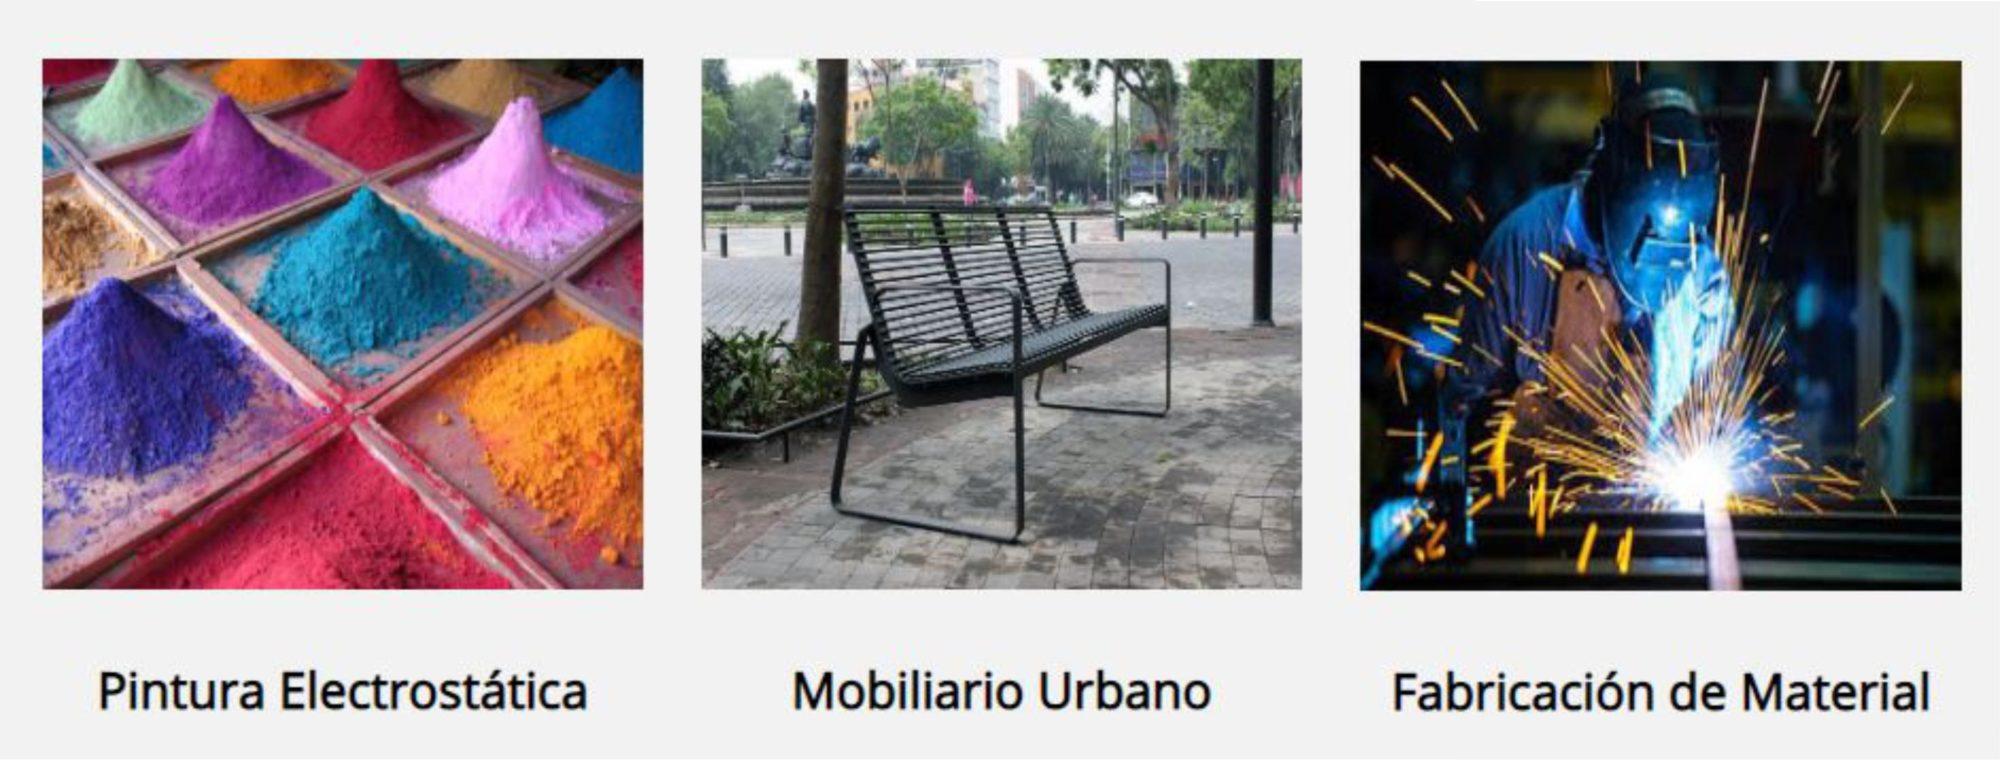 mobiliario urbano, soldadura y pailería